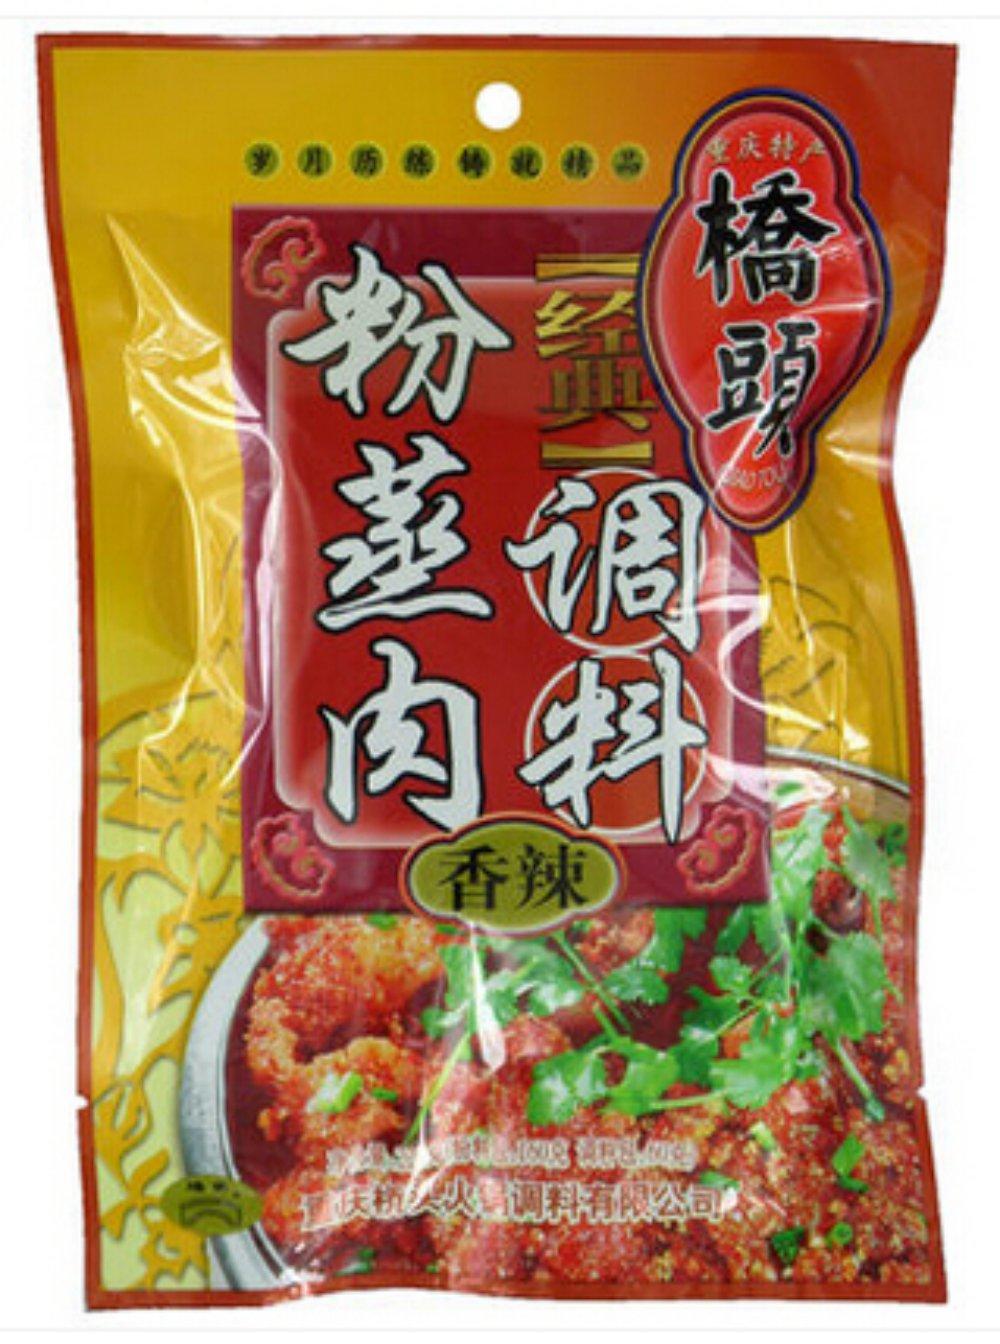 Helen Ou@chongqing Specialty: Qiaotou Spicy or Xiangla Steam Meat Powder Seasoning or Condiment220 G/7.76oz/0.49lb by helen ou@qiaotou